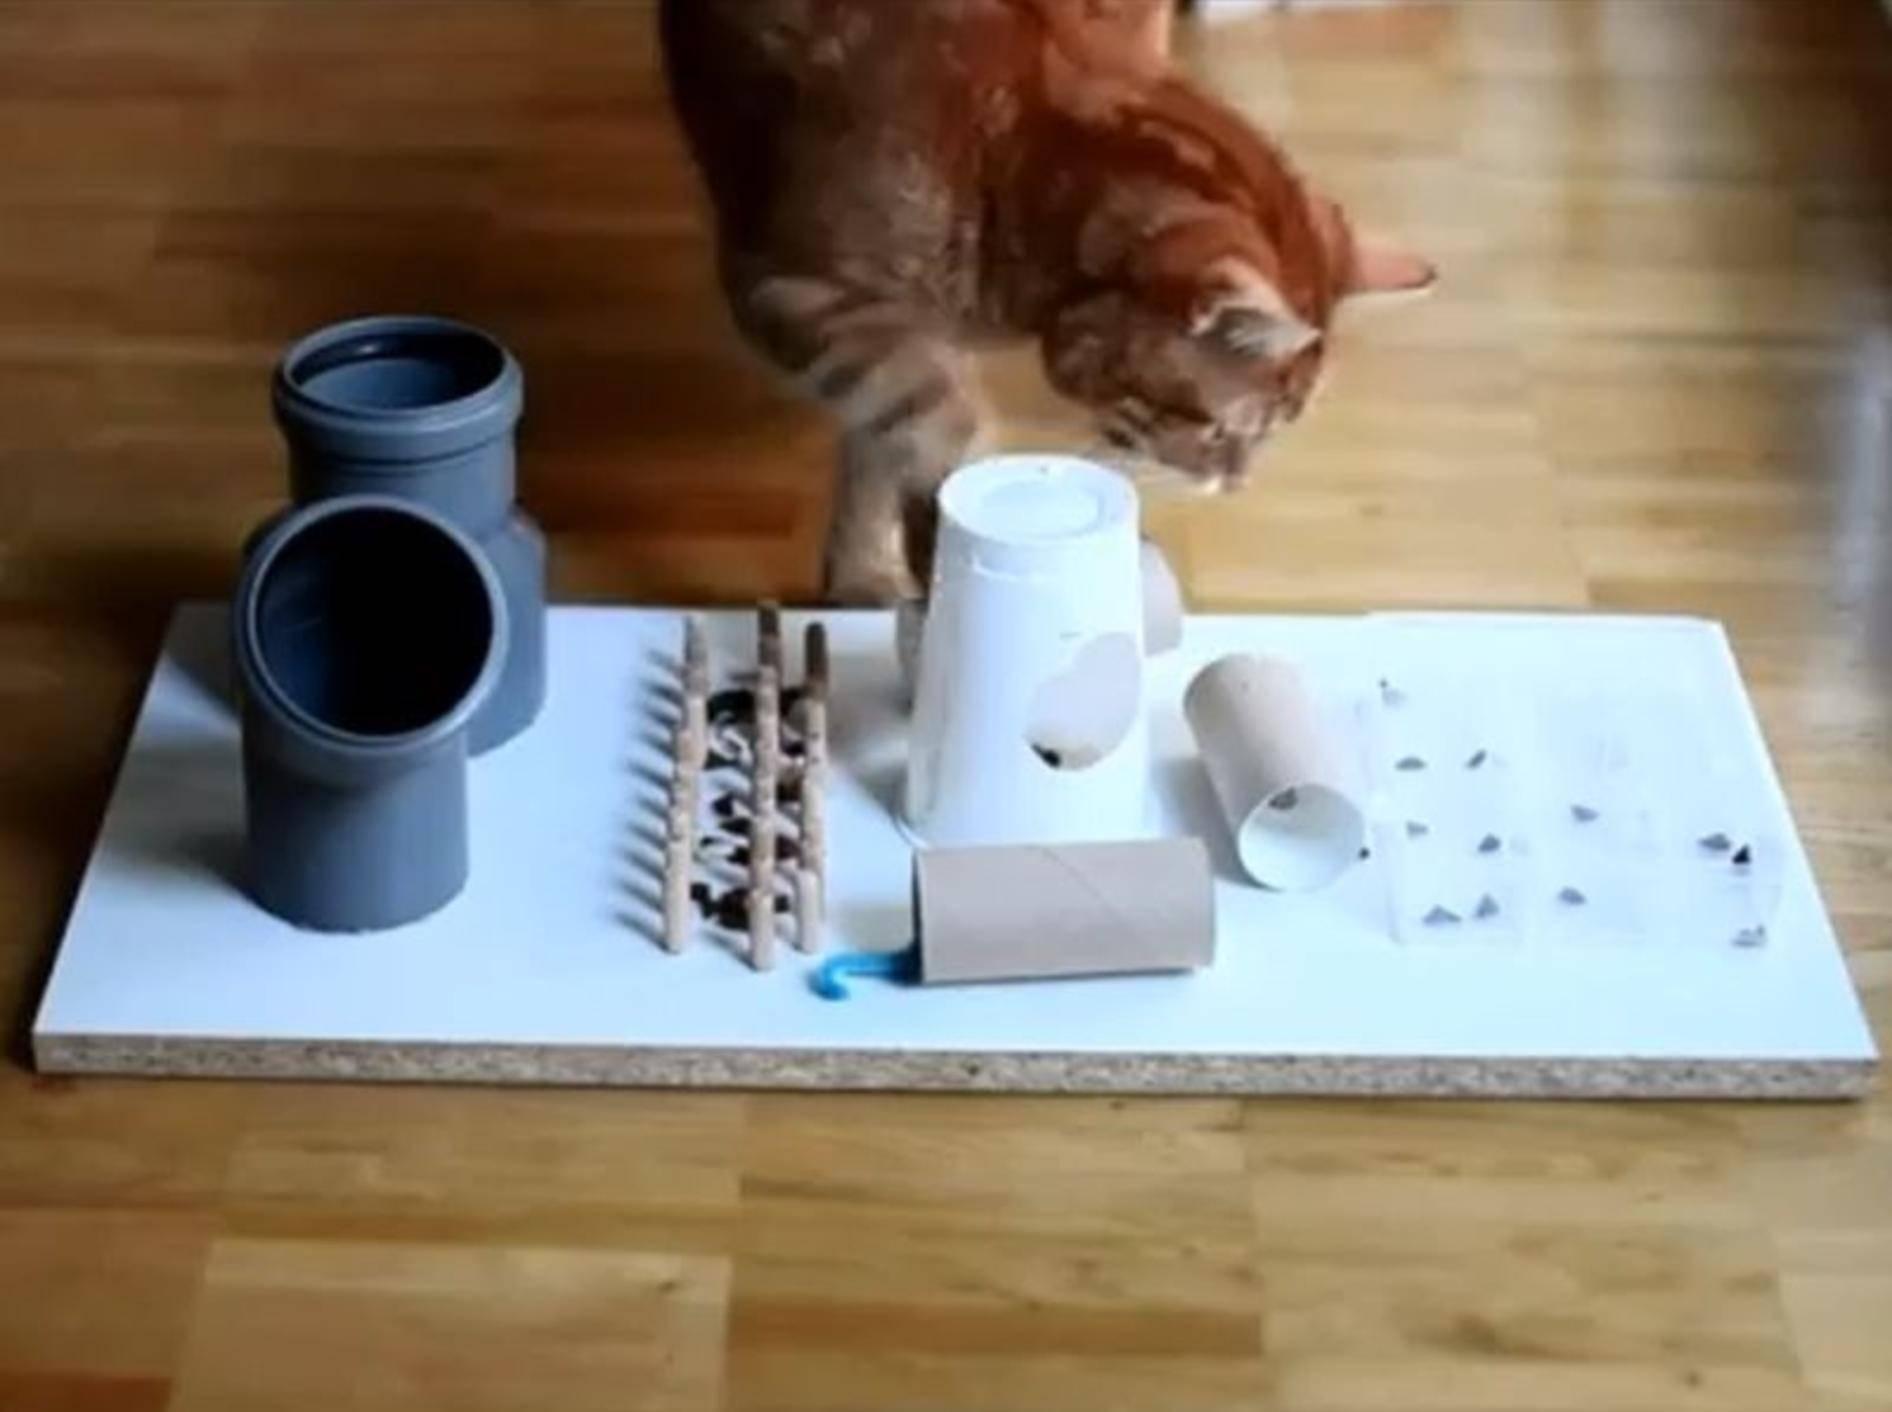 Hochkonzentriert: Eine Katze mit ihrem Fummelbrett – Youtube / leoflixi